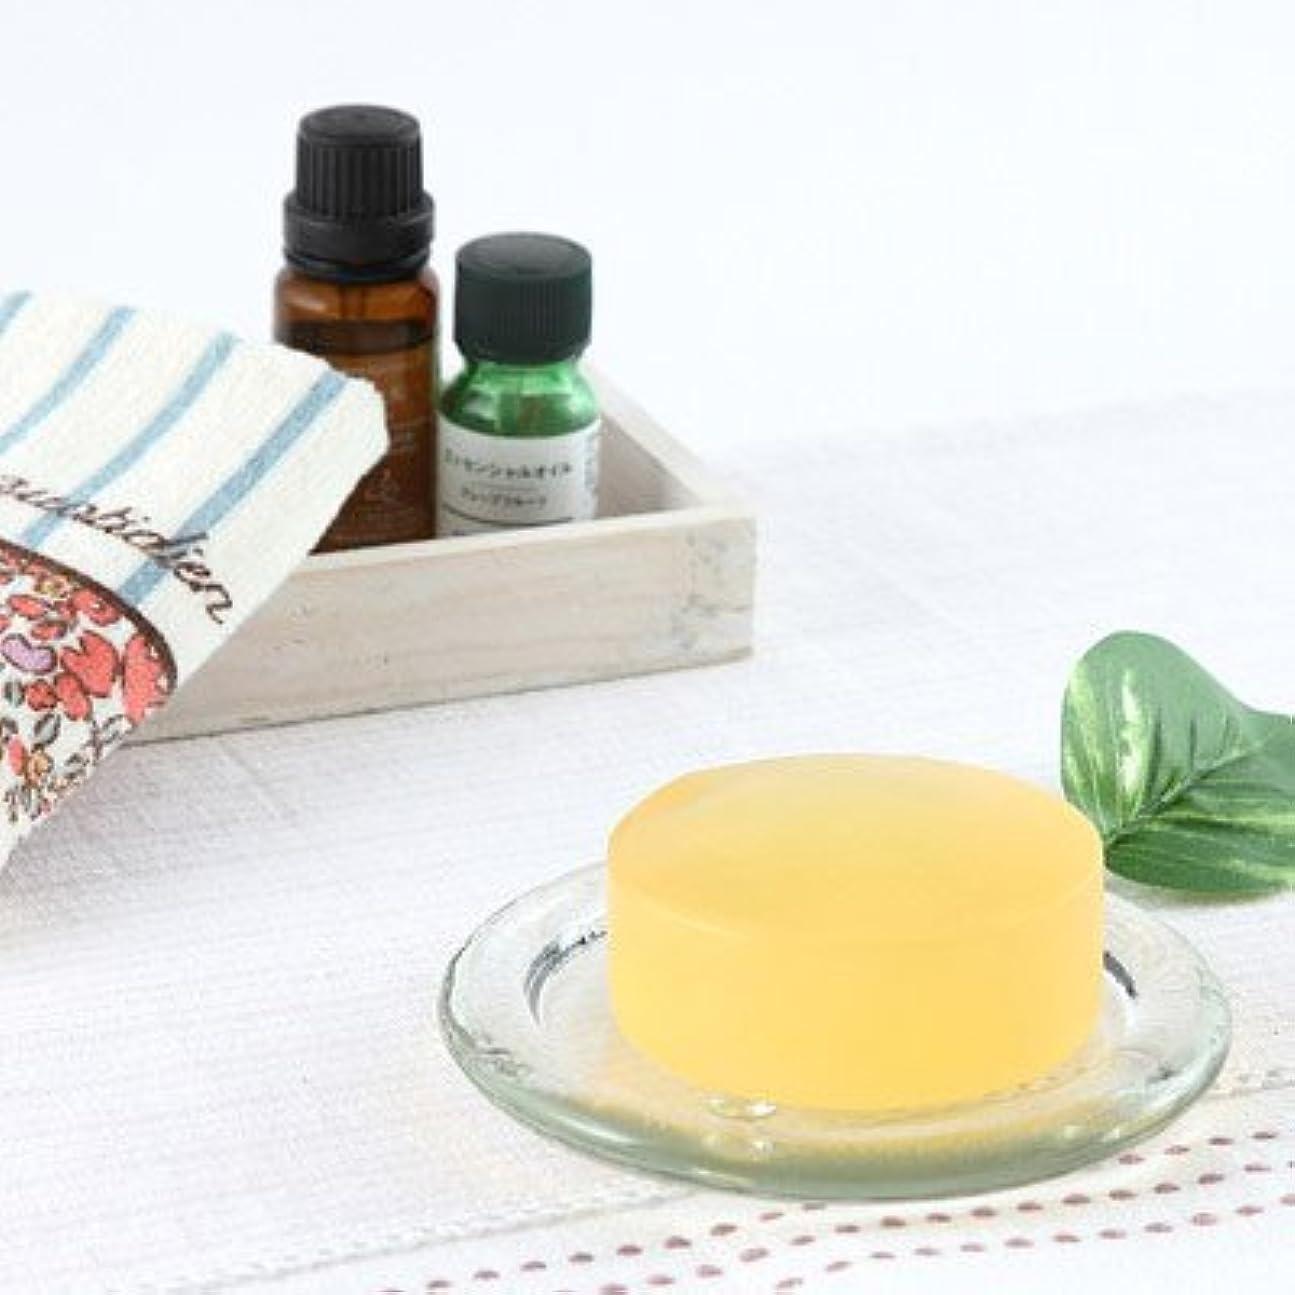 患者慈悲主要な国産新鮮馬油を使用 超低刺激だから安心して使える洗顔ソープ ピュアティ馬油ソープ